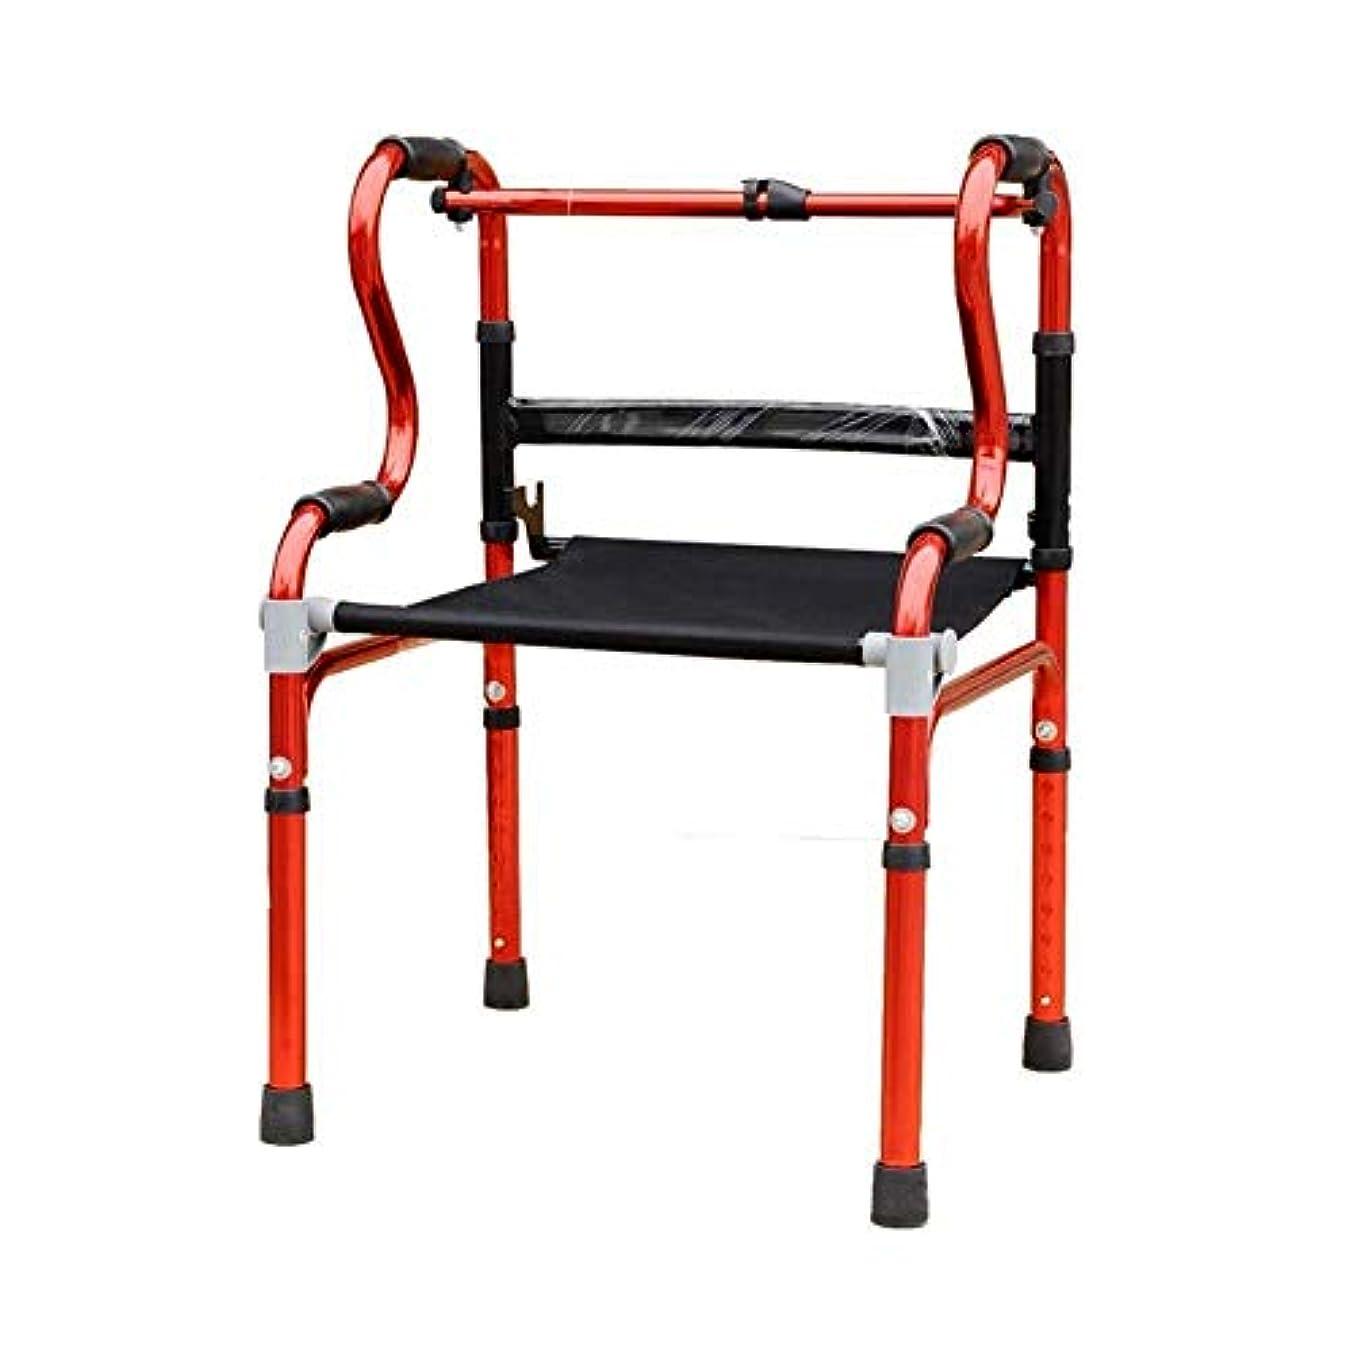 認証夜高度な軽量ウォーカー、パッド入りシートとバッグコンパクト折りたたみデザイン高齢者ウォーカー付きアルミニウムローラー